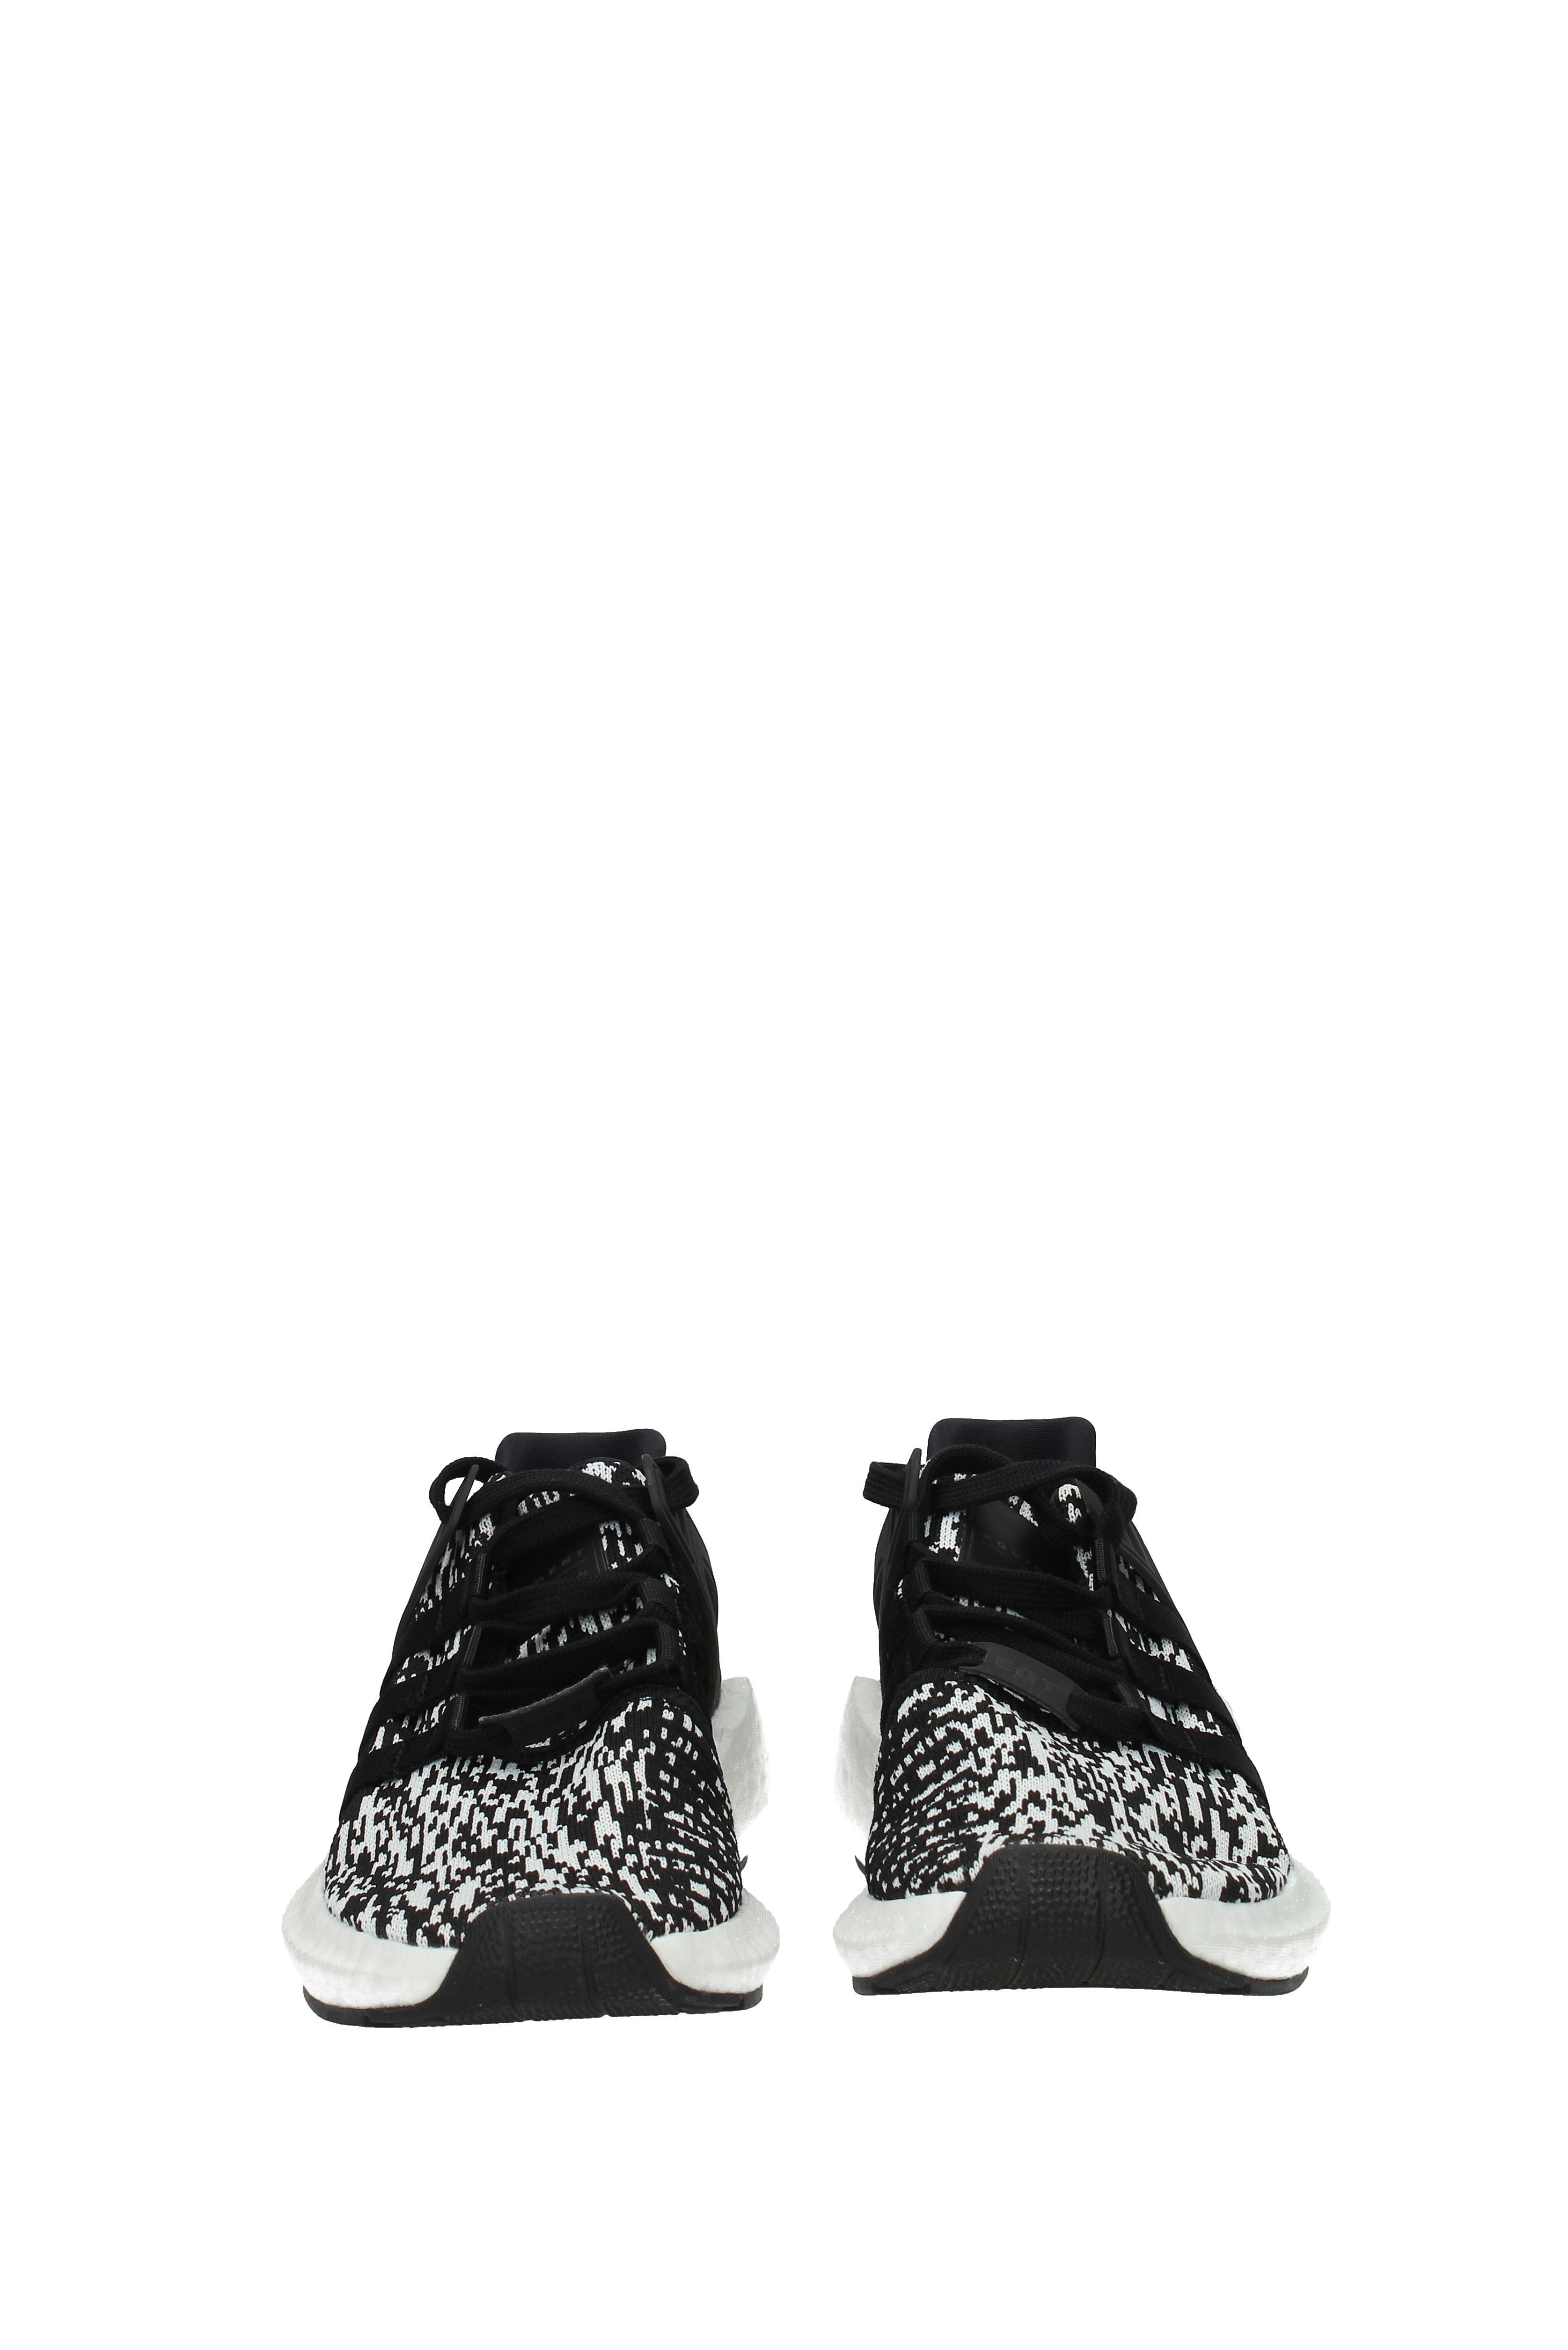 Adidas EQT Support 93/17 - Black